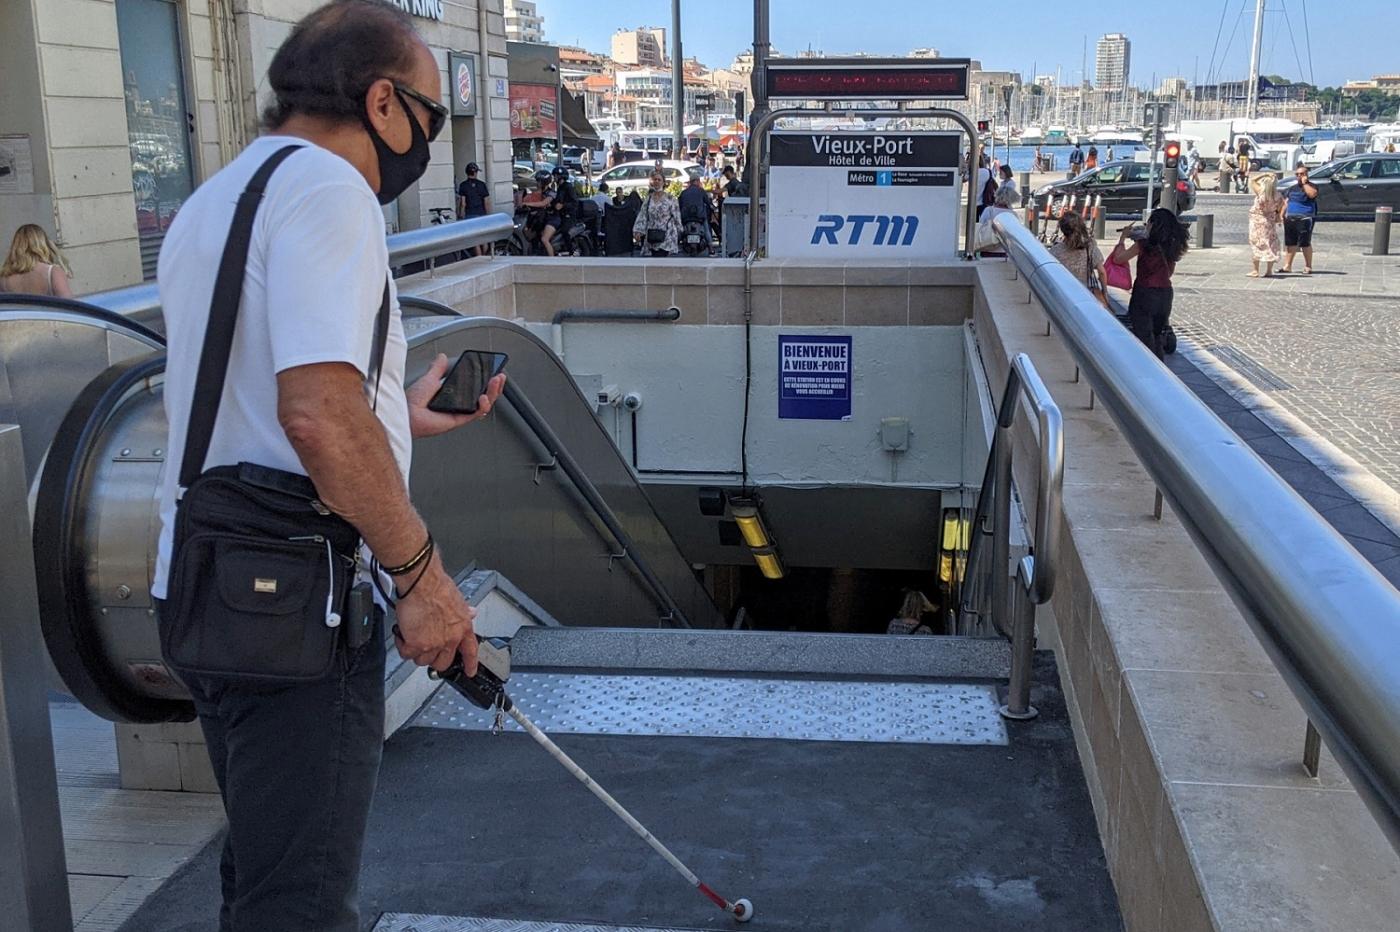 , [Vidéo] Une application pour guider les malvoyants dans le métro marseillais, Made in Marseille